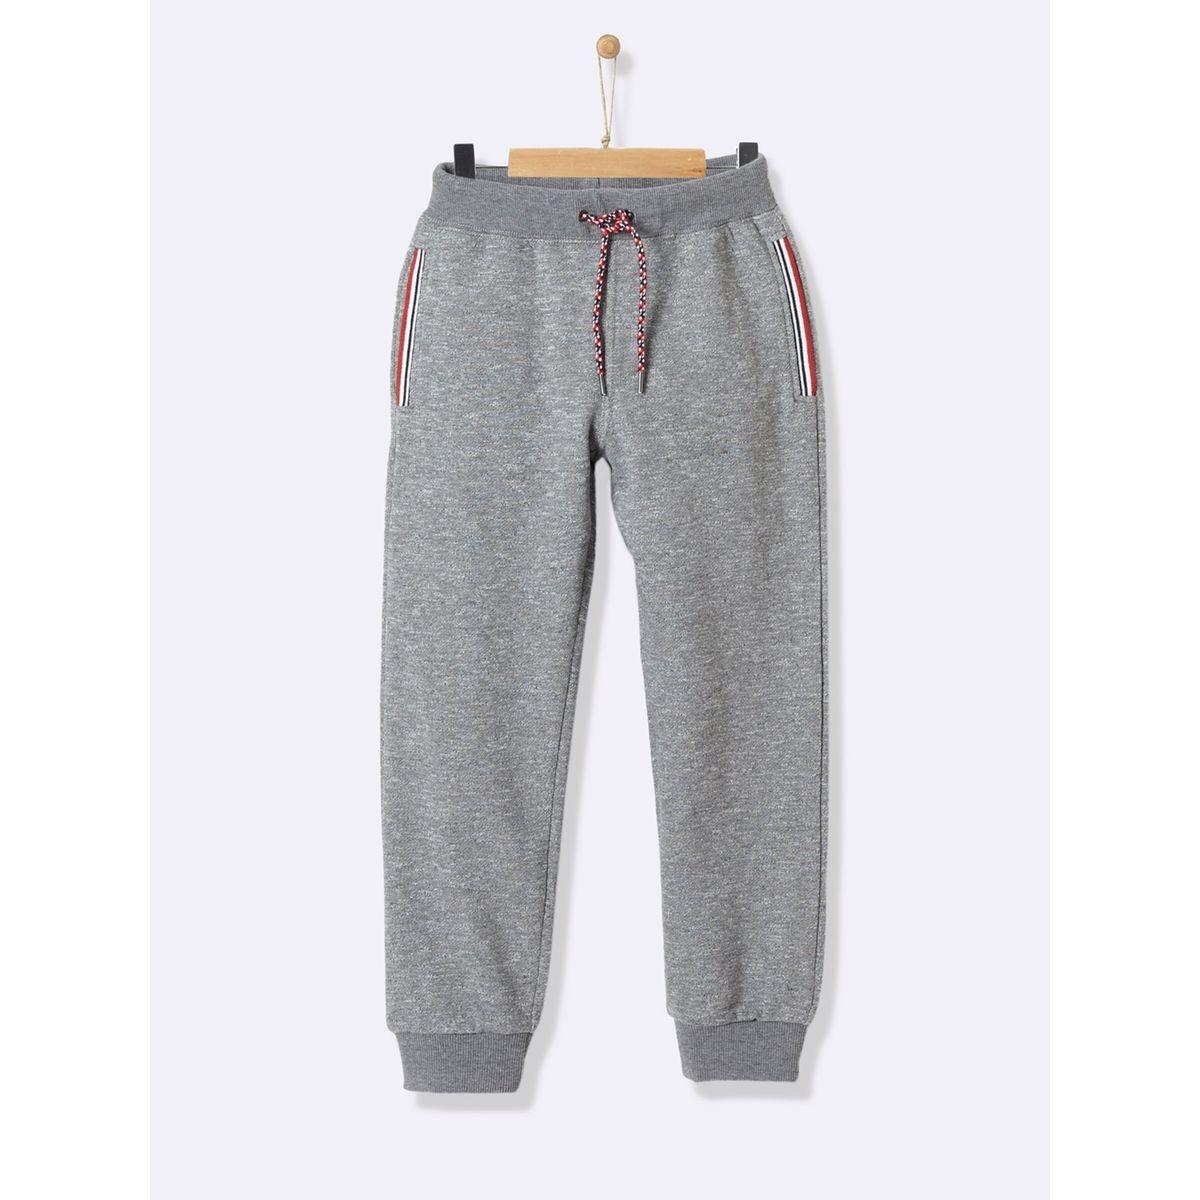 Pantalon de jogging garçon